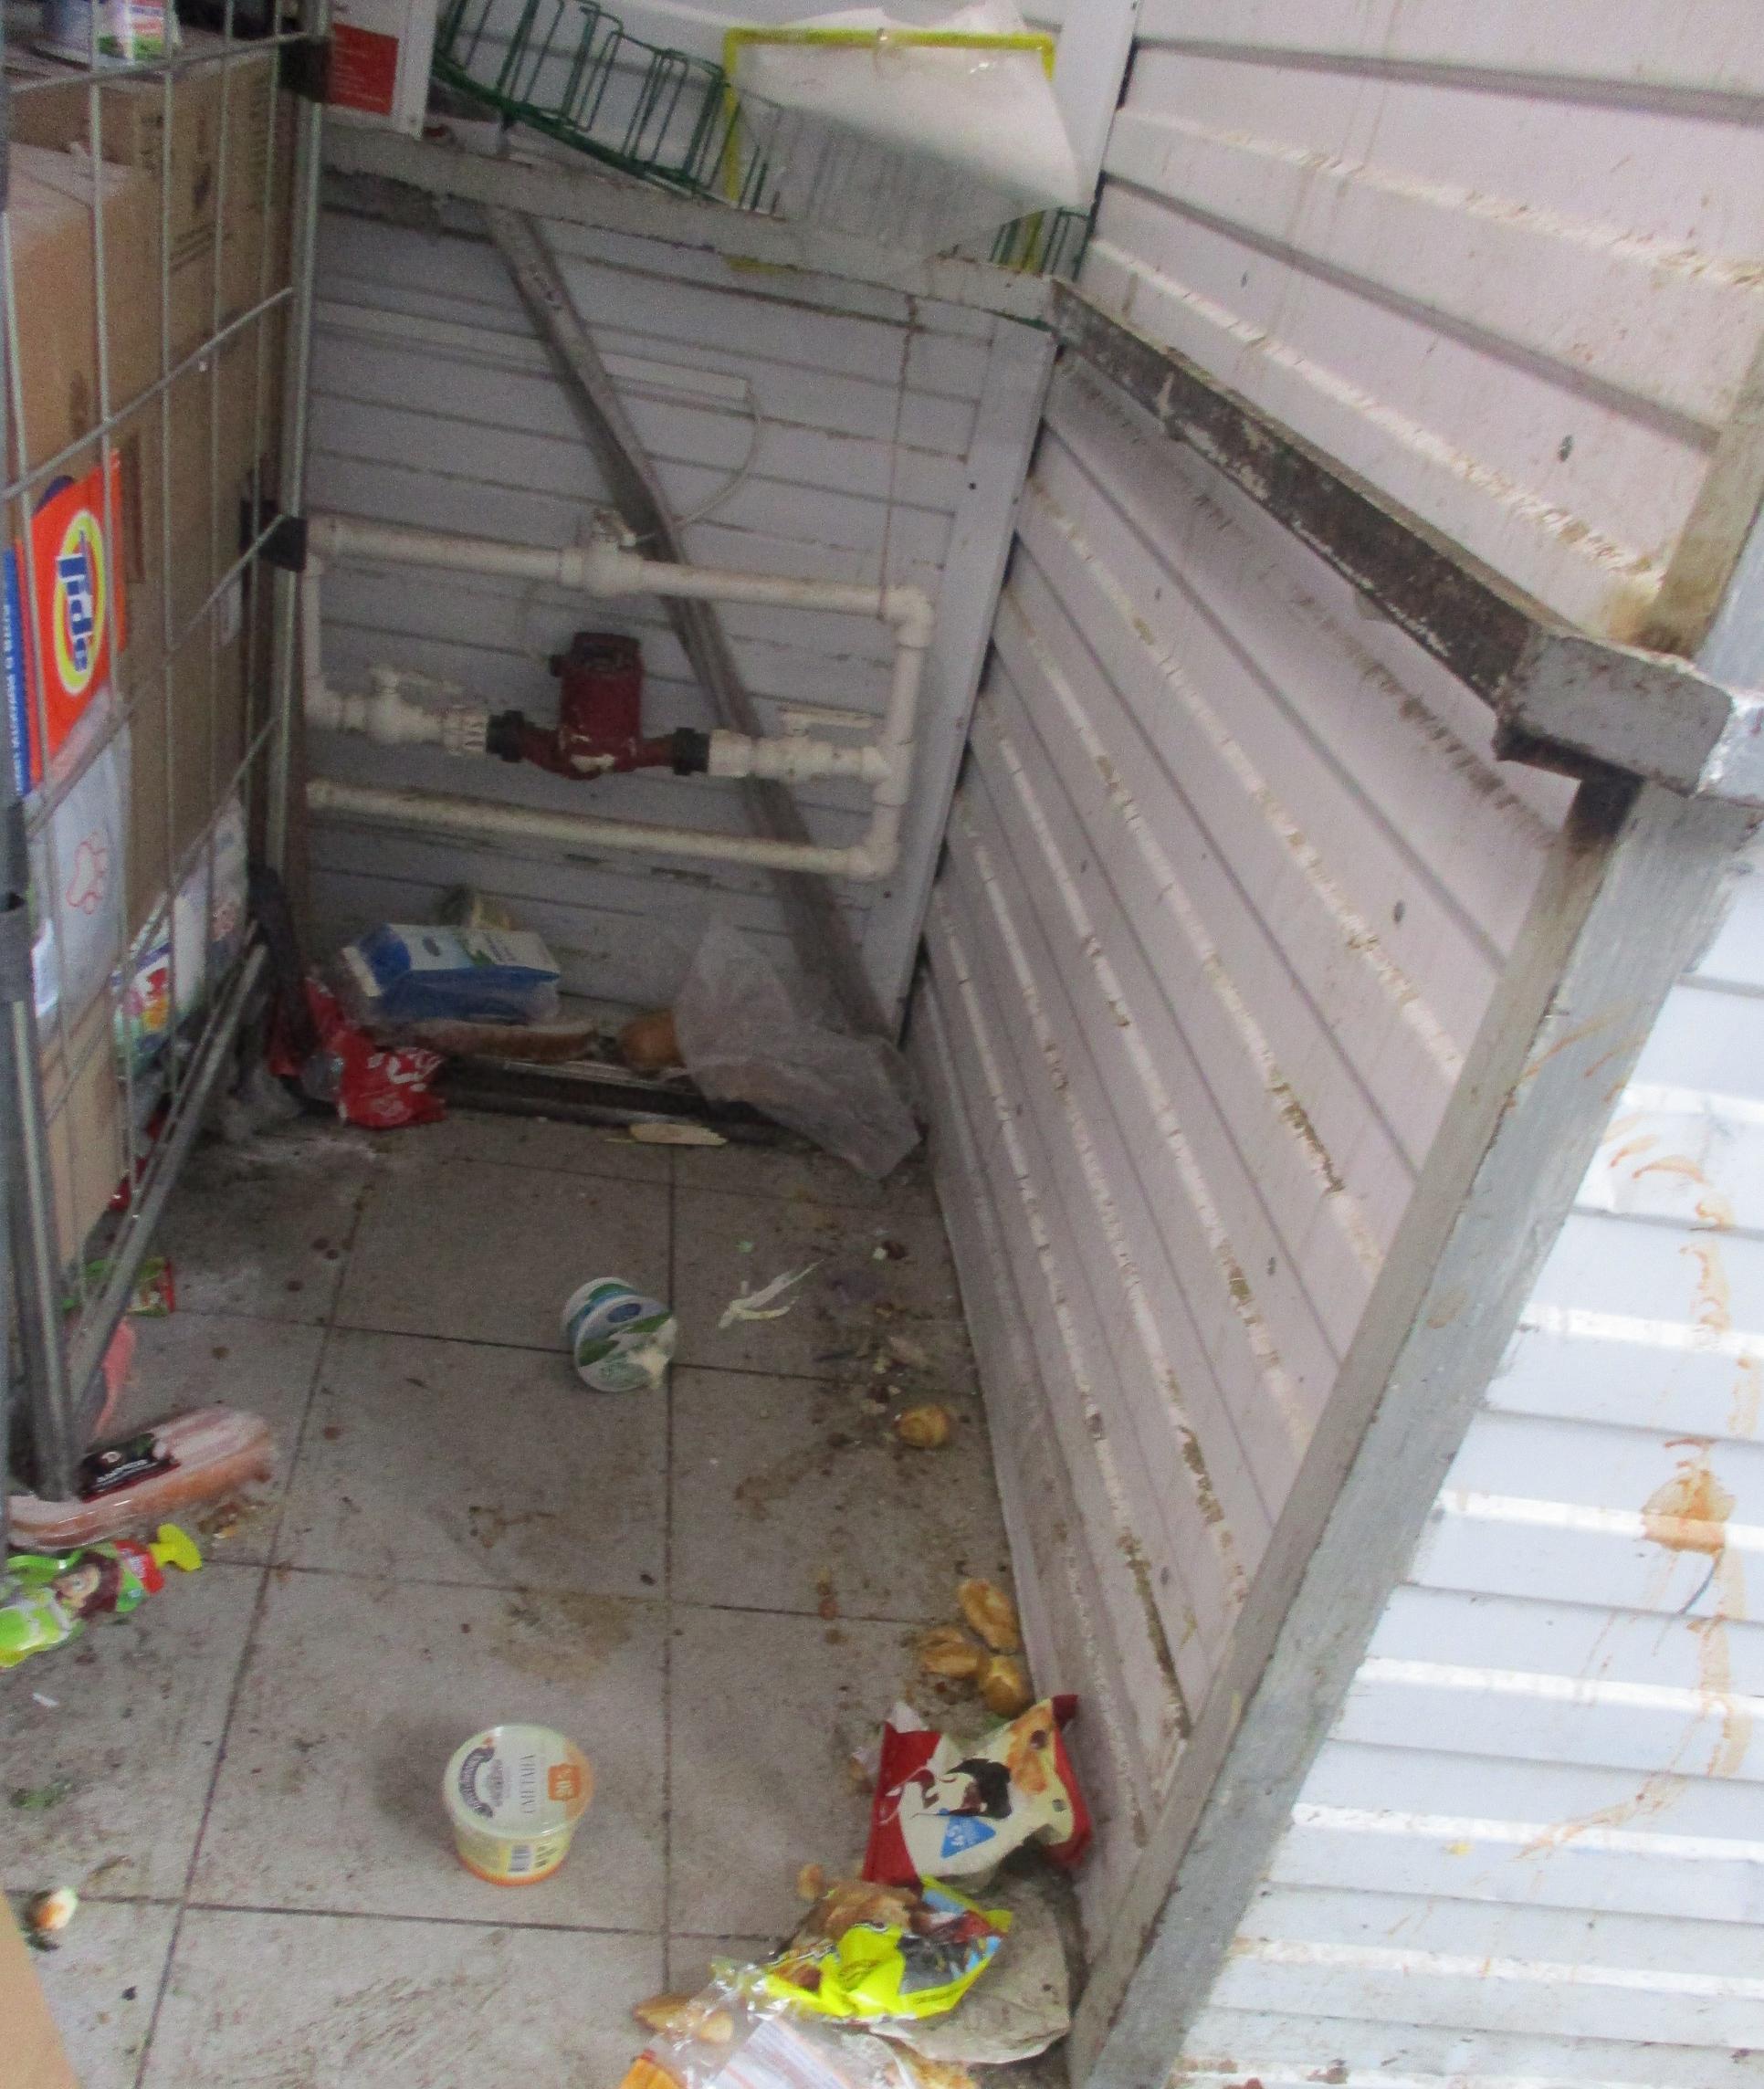 По требованию Перовской межрайонной прокуратуры суд приостановил деятельность сетевого магазина «Магнит» в связи с грубым нарушением санитарных норм